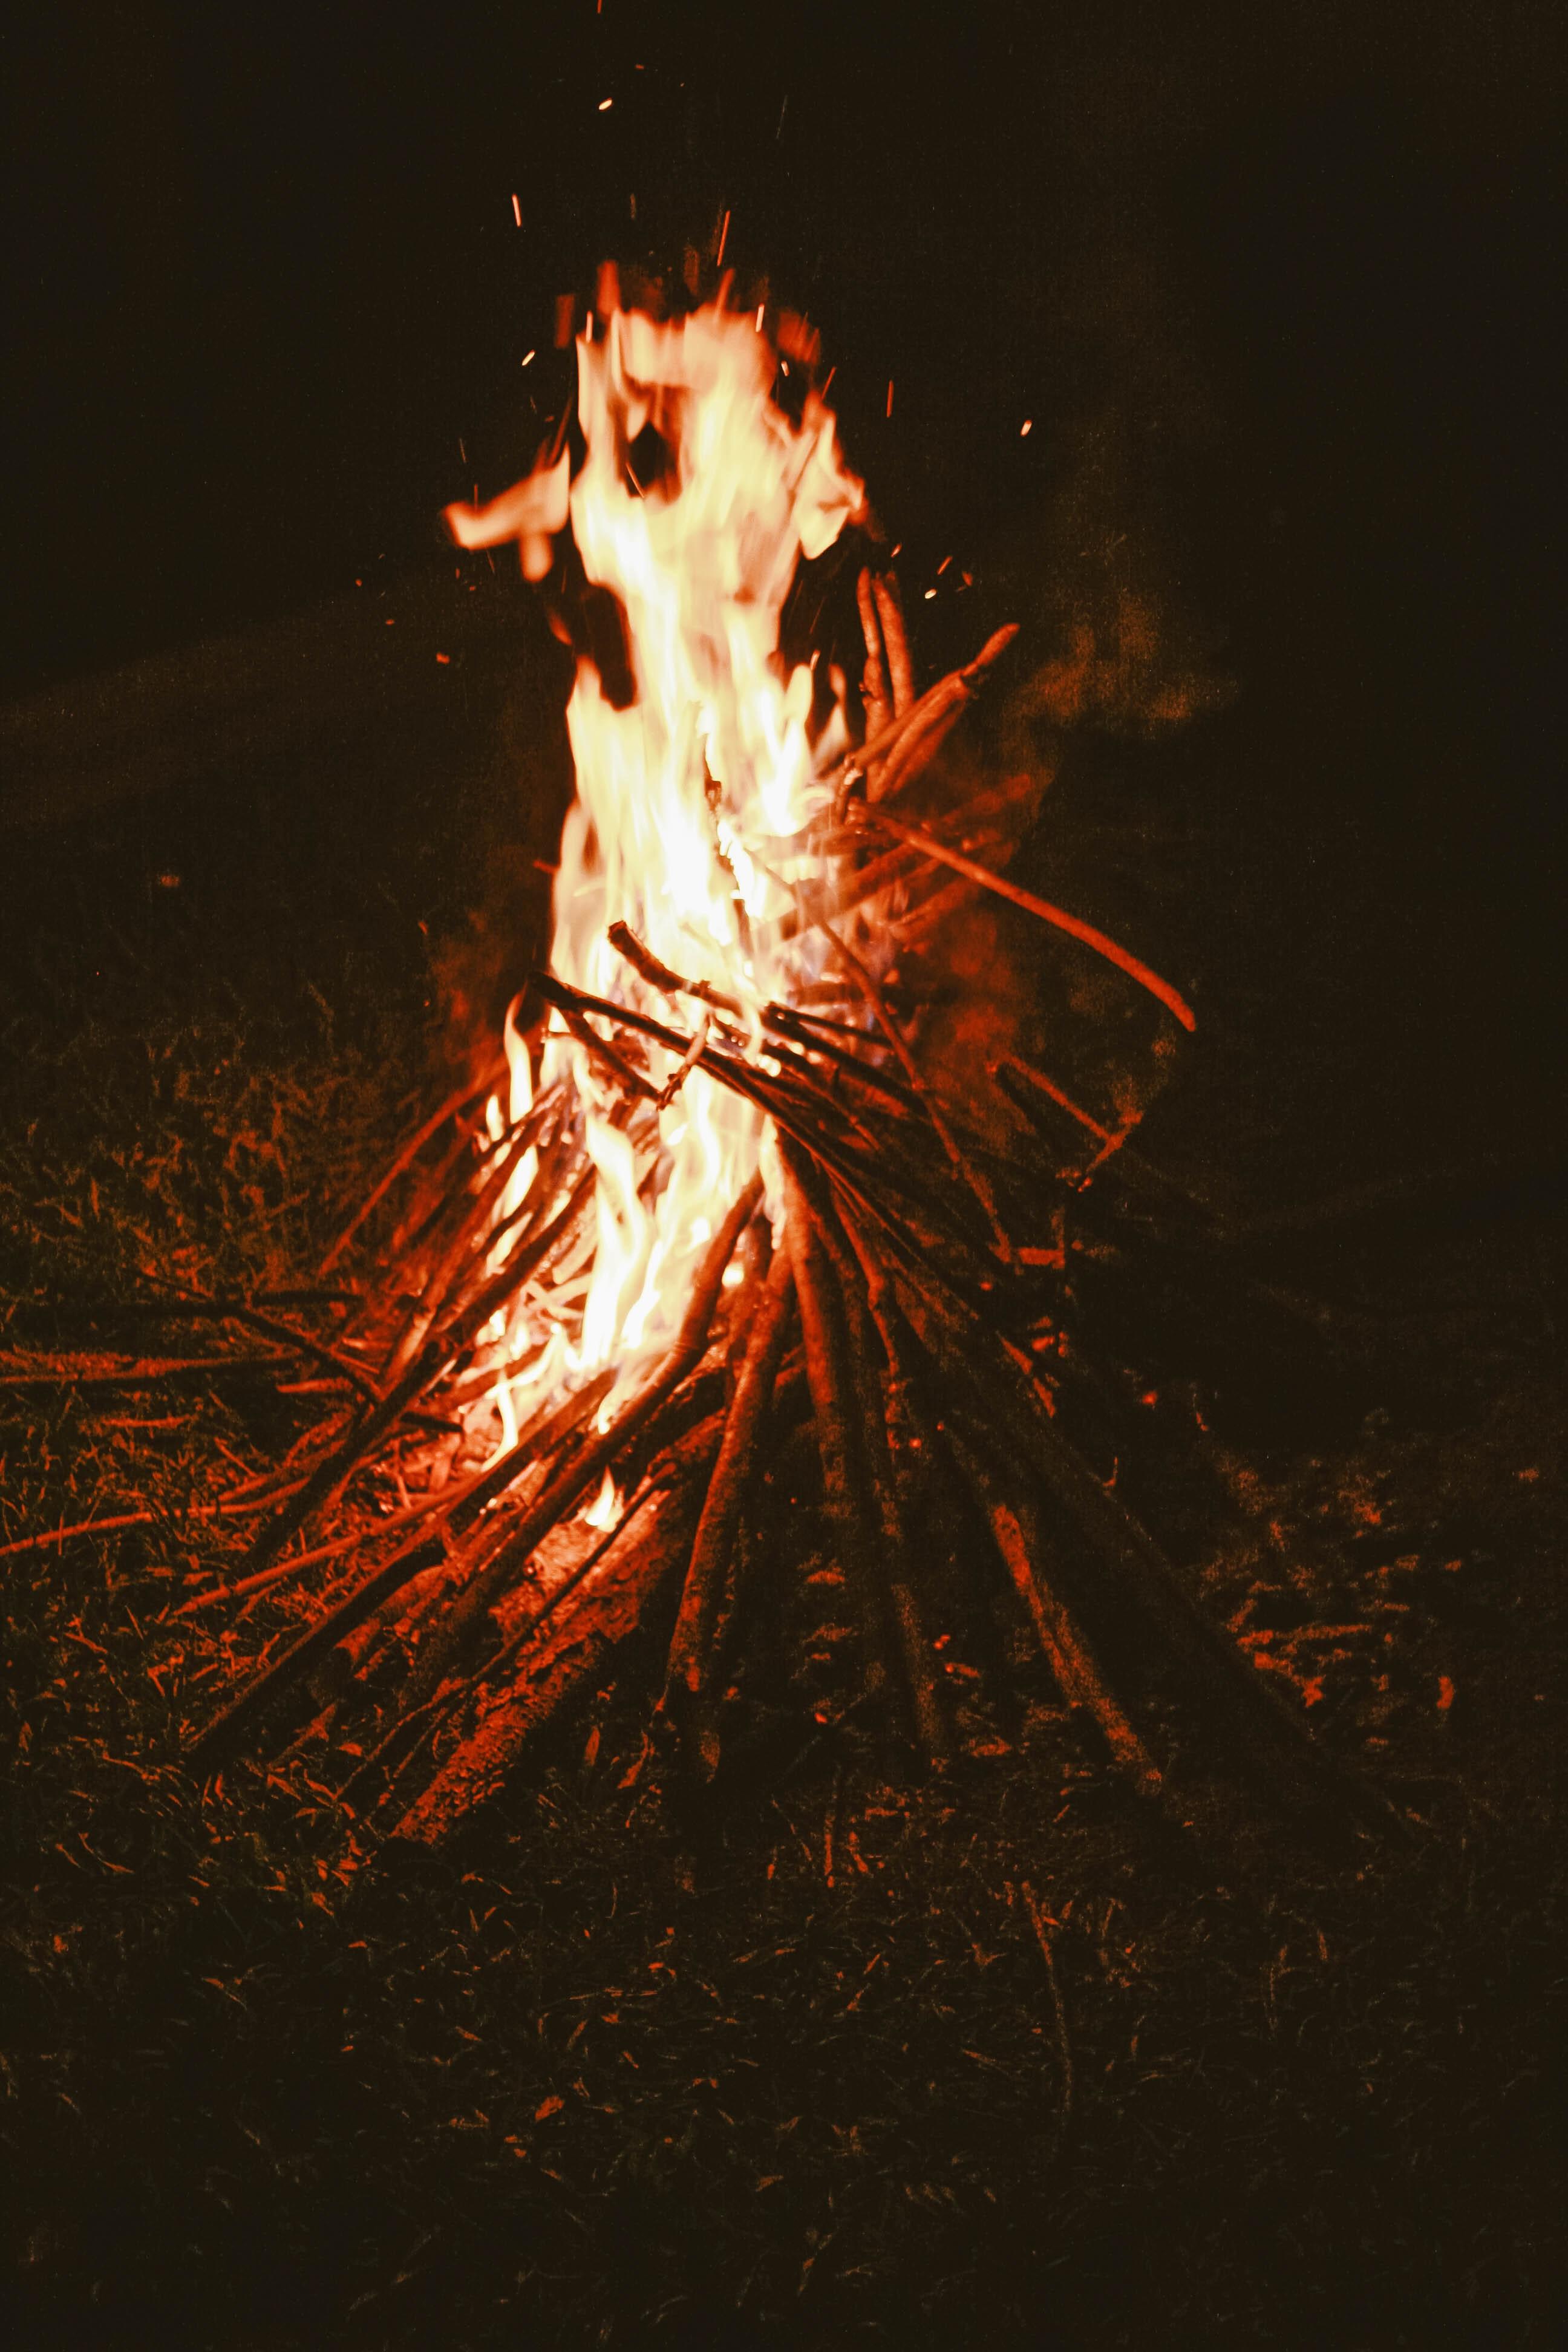 54524 免費下載壁紙 黑暗的, 黑暗, 篝火, 火, 柴, 木柴 屏保和圖片